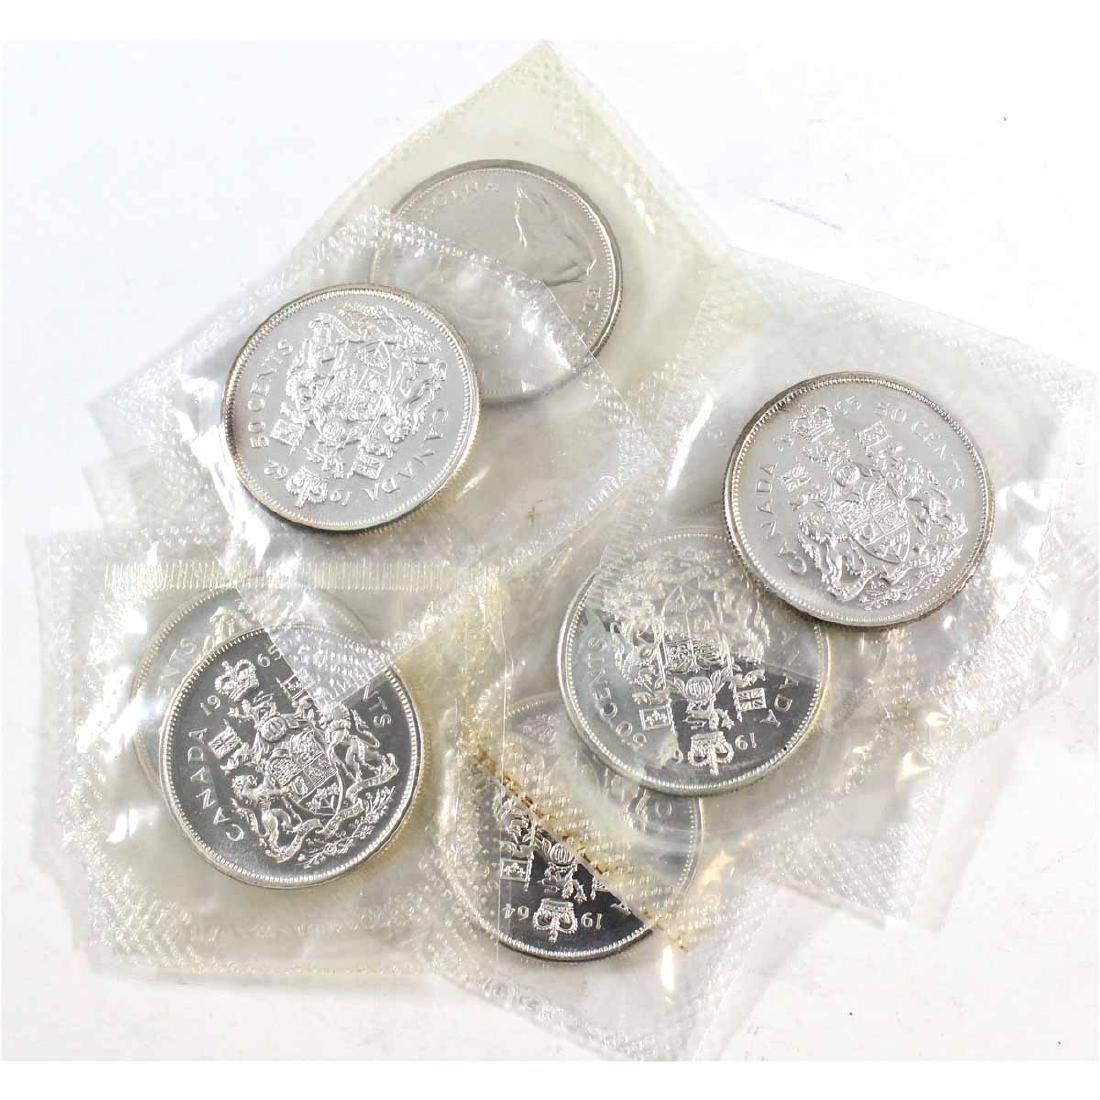 Lot of 10x Canada 50-cent Sealed in Original Pliofilm